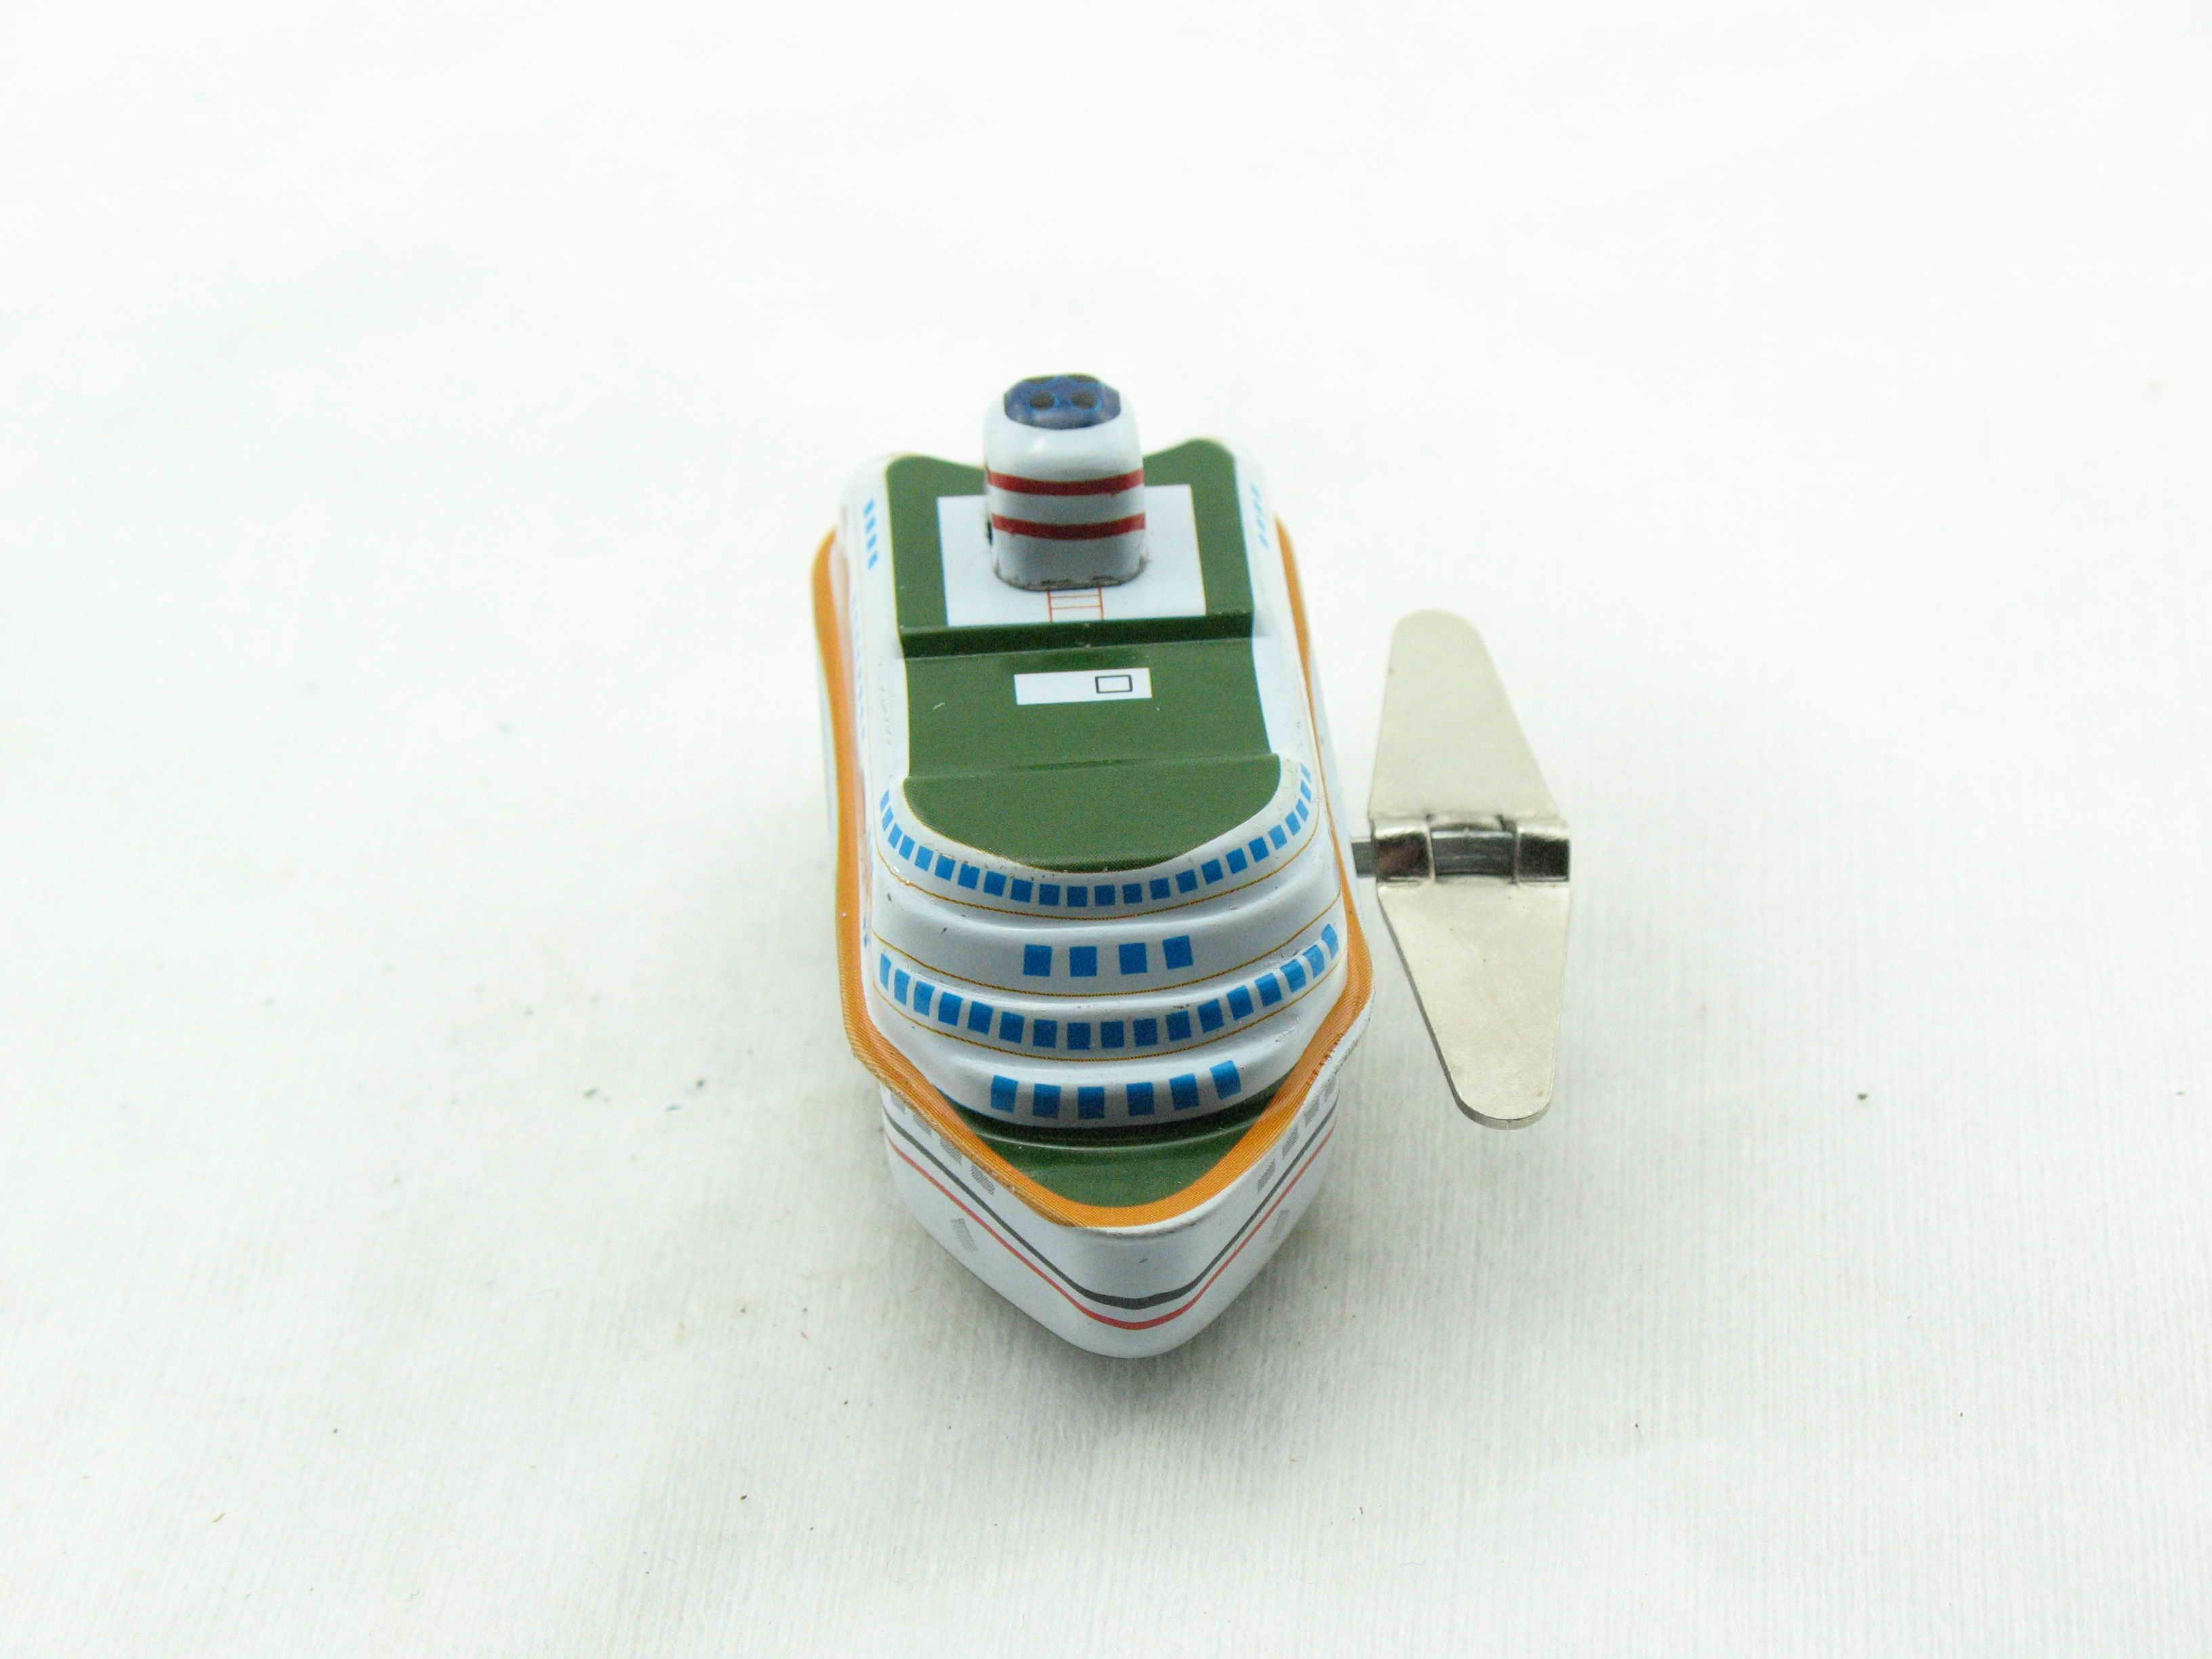 Kreuzfahrtschiff mini  6850660 Blechspielzeug Cruise